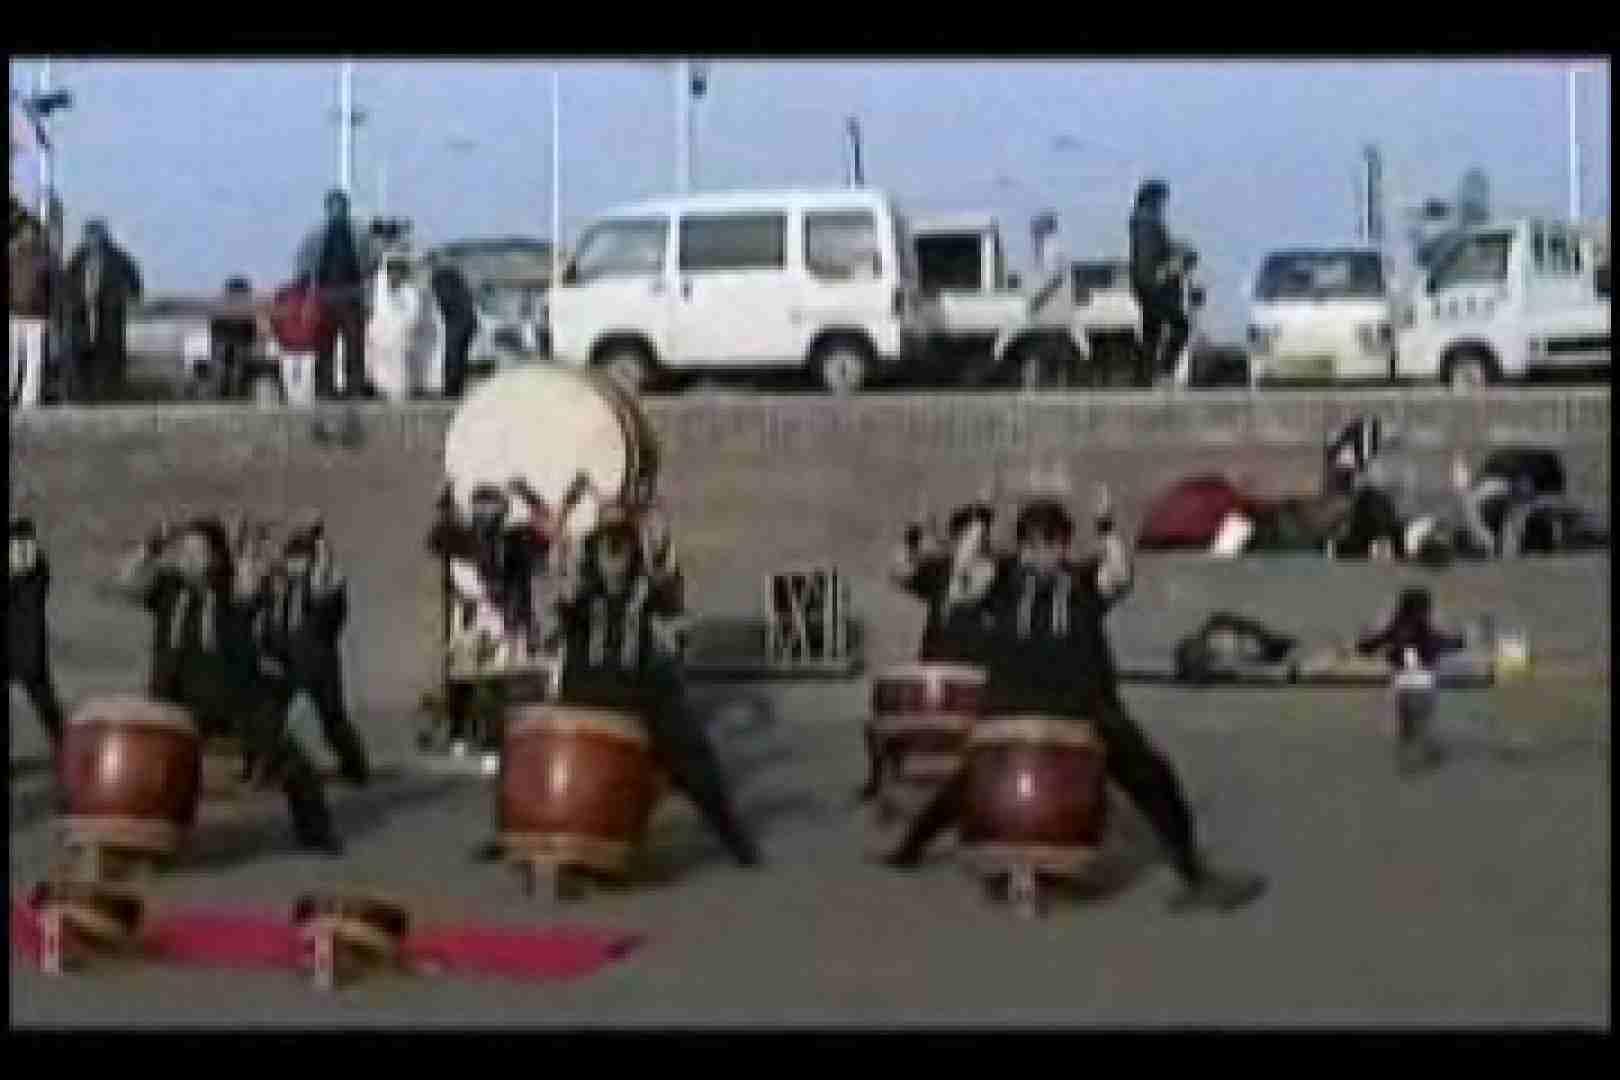 陰間茶屋 男児祭り VOL.1 野外露出動画 ゲイ丸見え画像 76pic 32